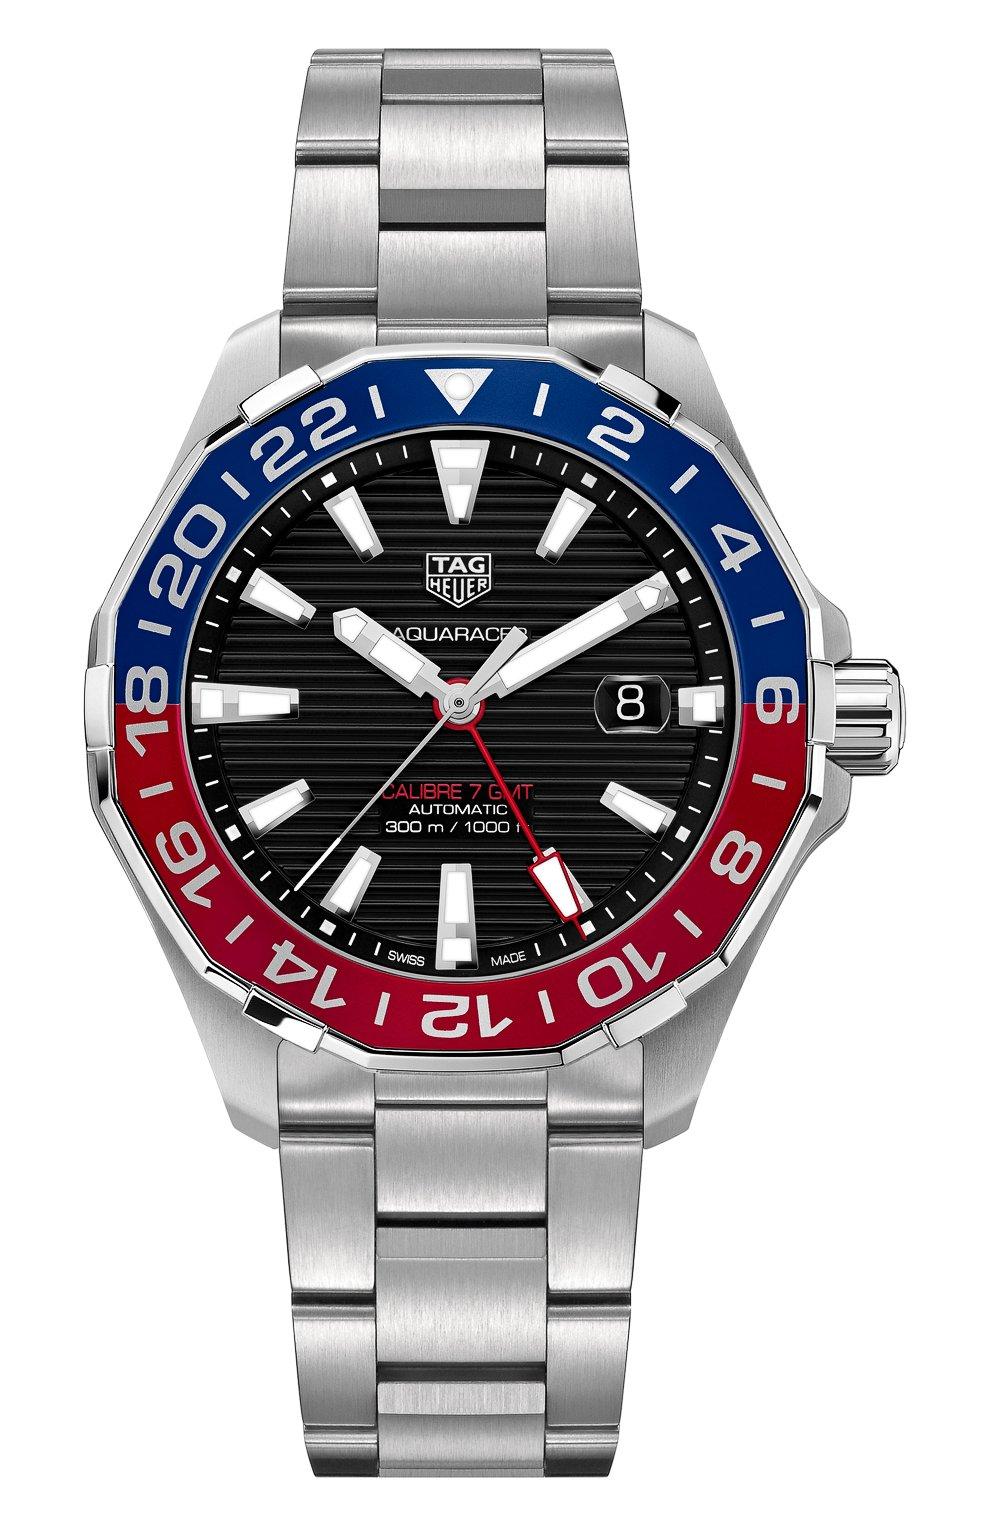 Мужские часы calibre 7 gmt TAG HEUER бесцветного цвета, арт. WAY201F.BA0927   Фото 1 (Механизм: Автомат; Материал корпуса: Сталь; Цвет циферблата: Чёрный)